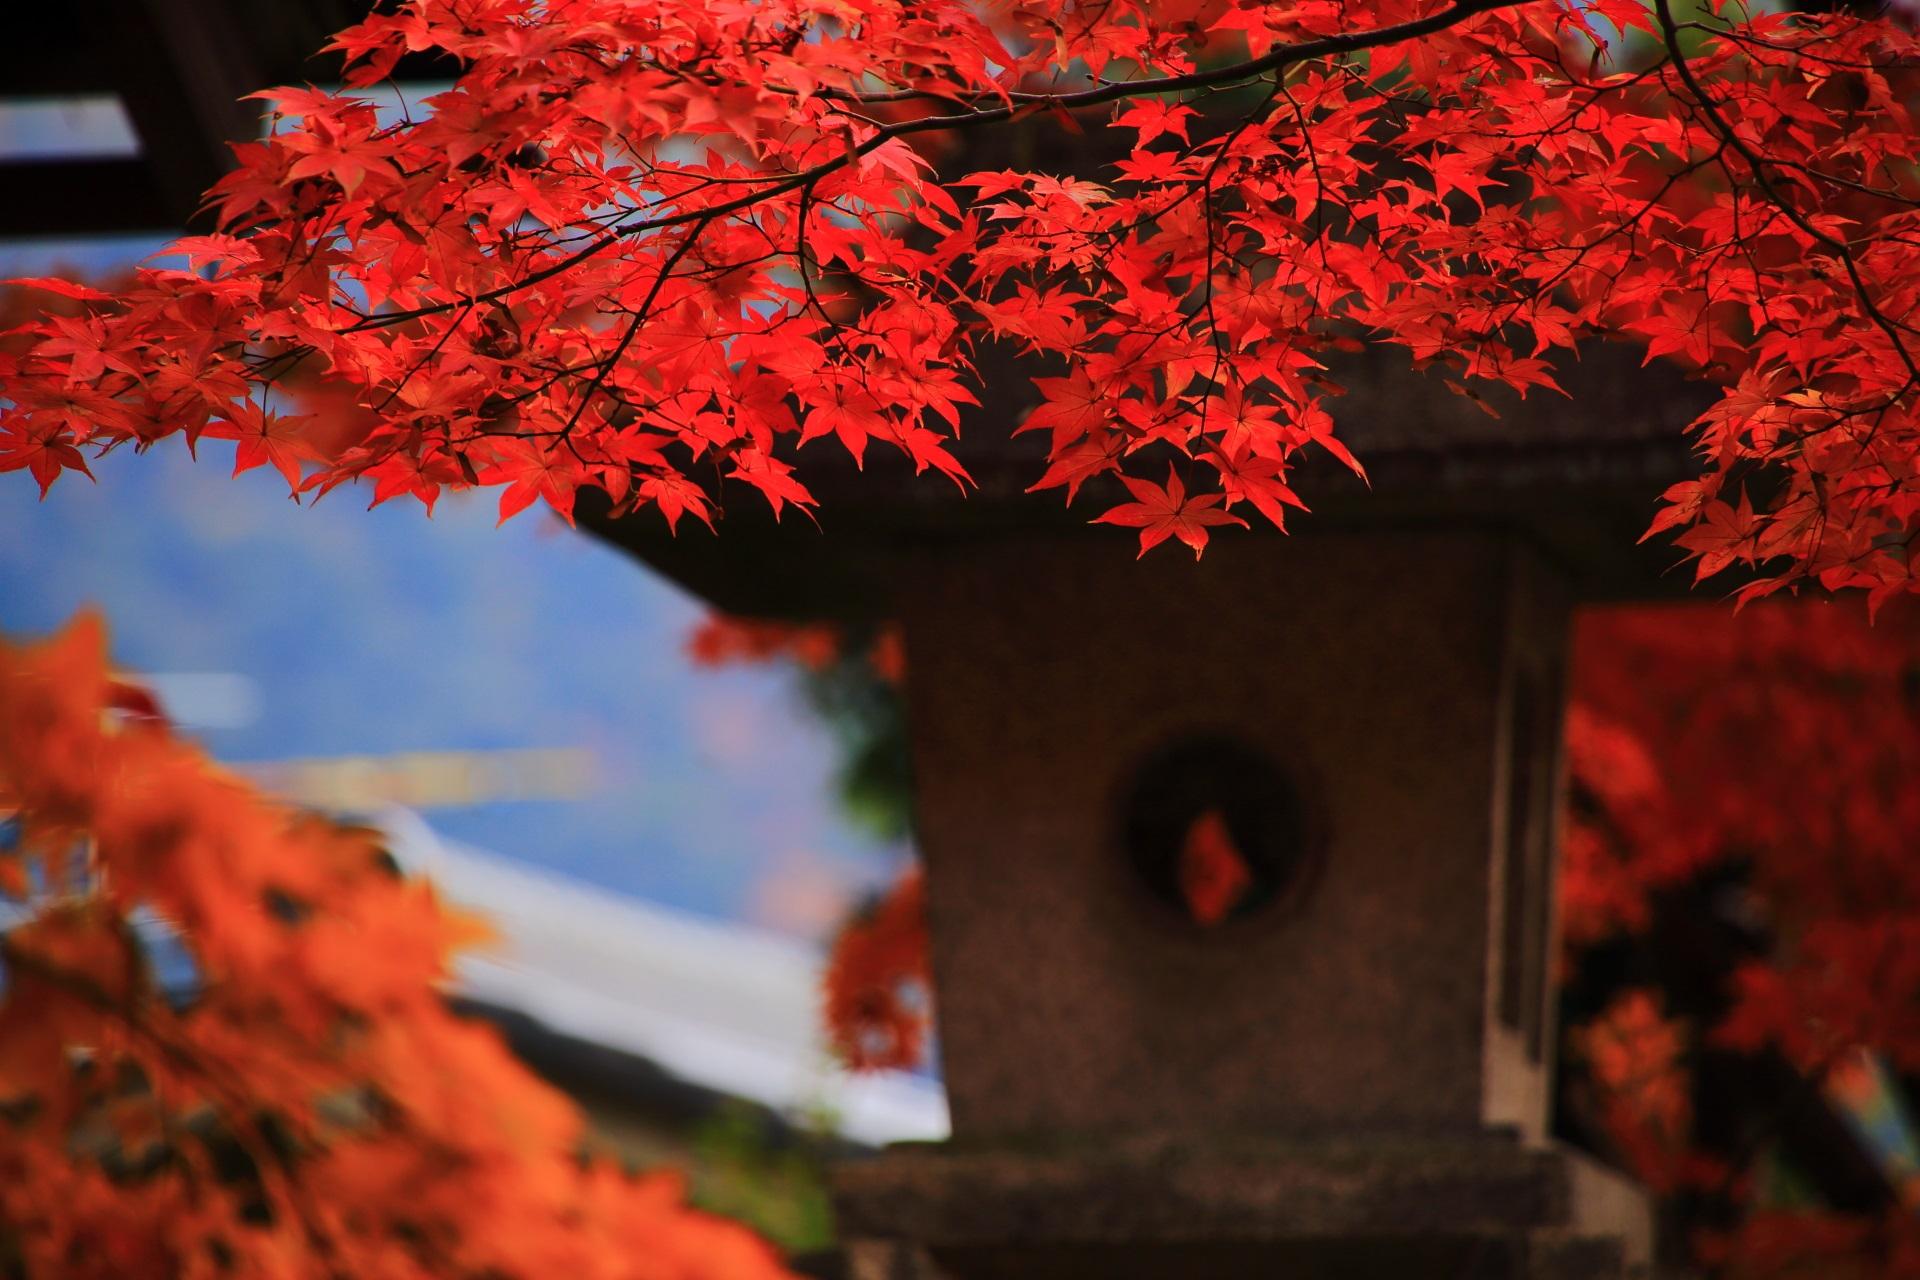 これ以上ないくらいの色づきの燈籠を彩る真っ赤な紅葉